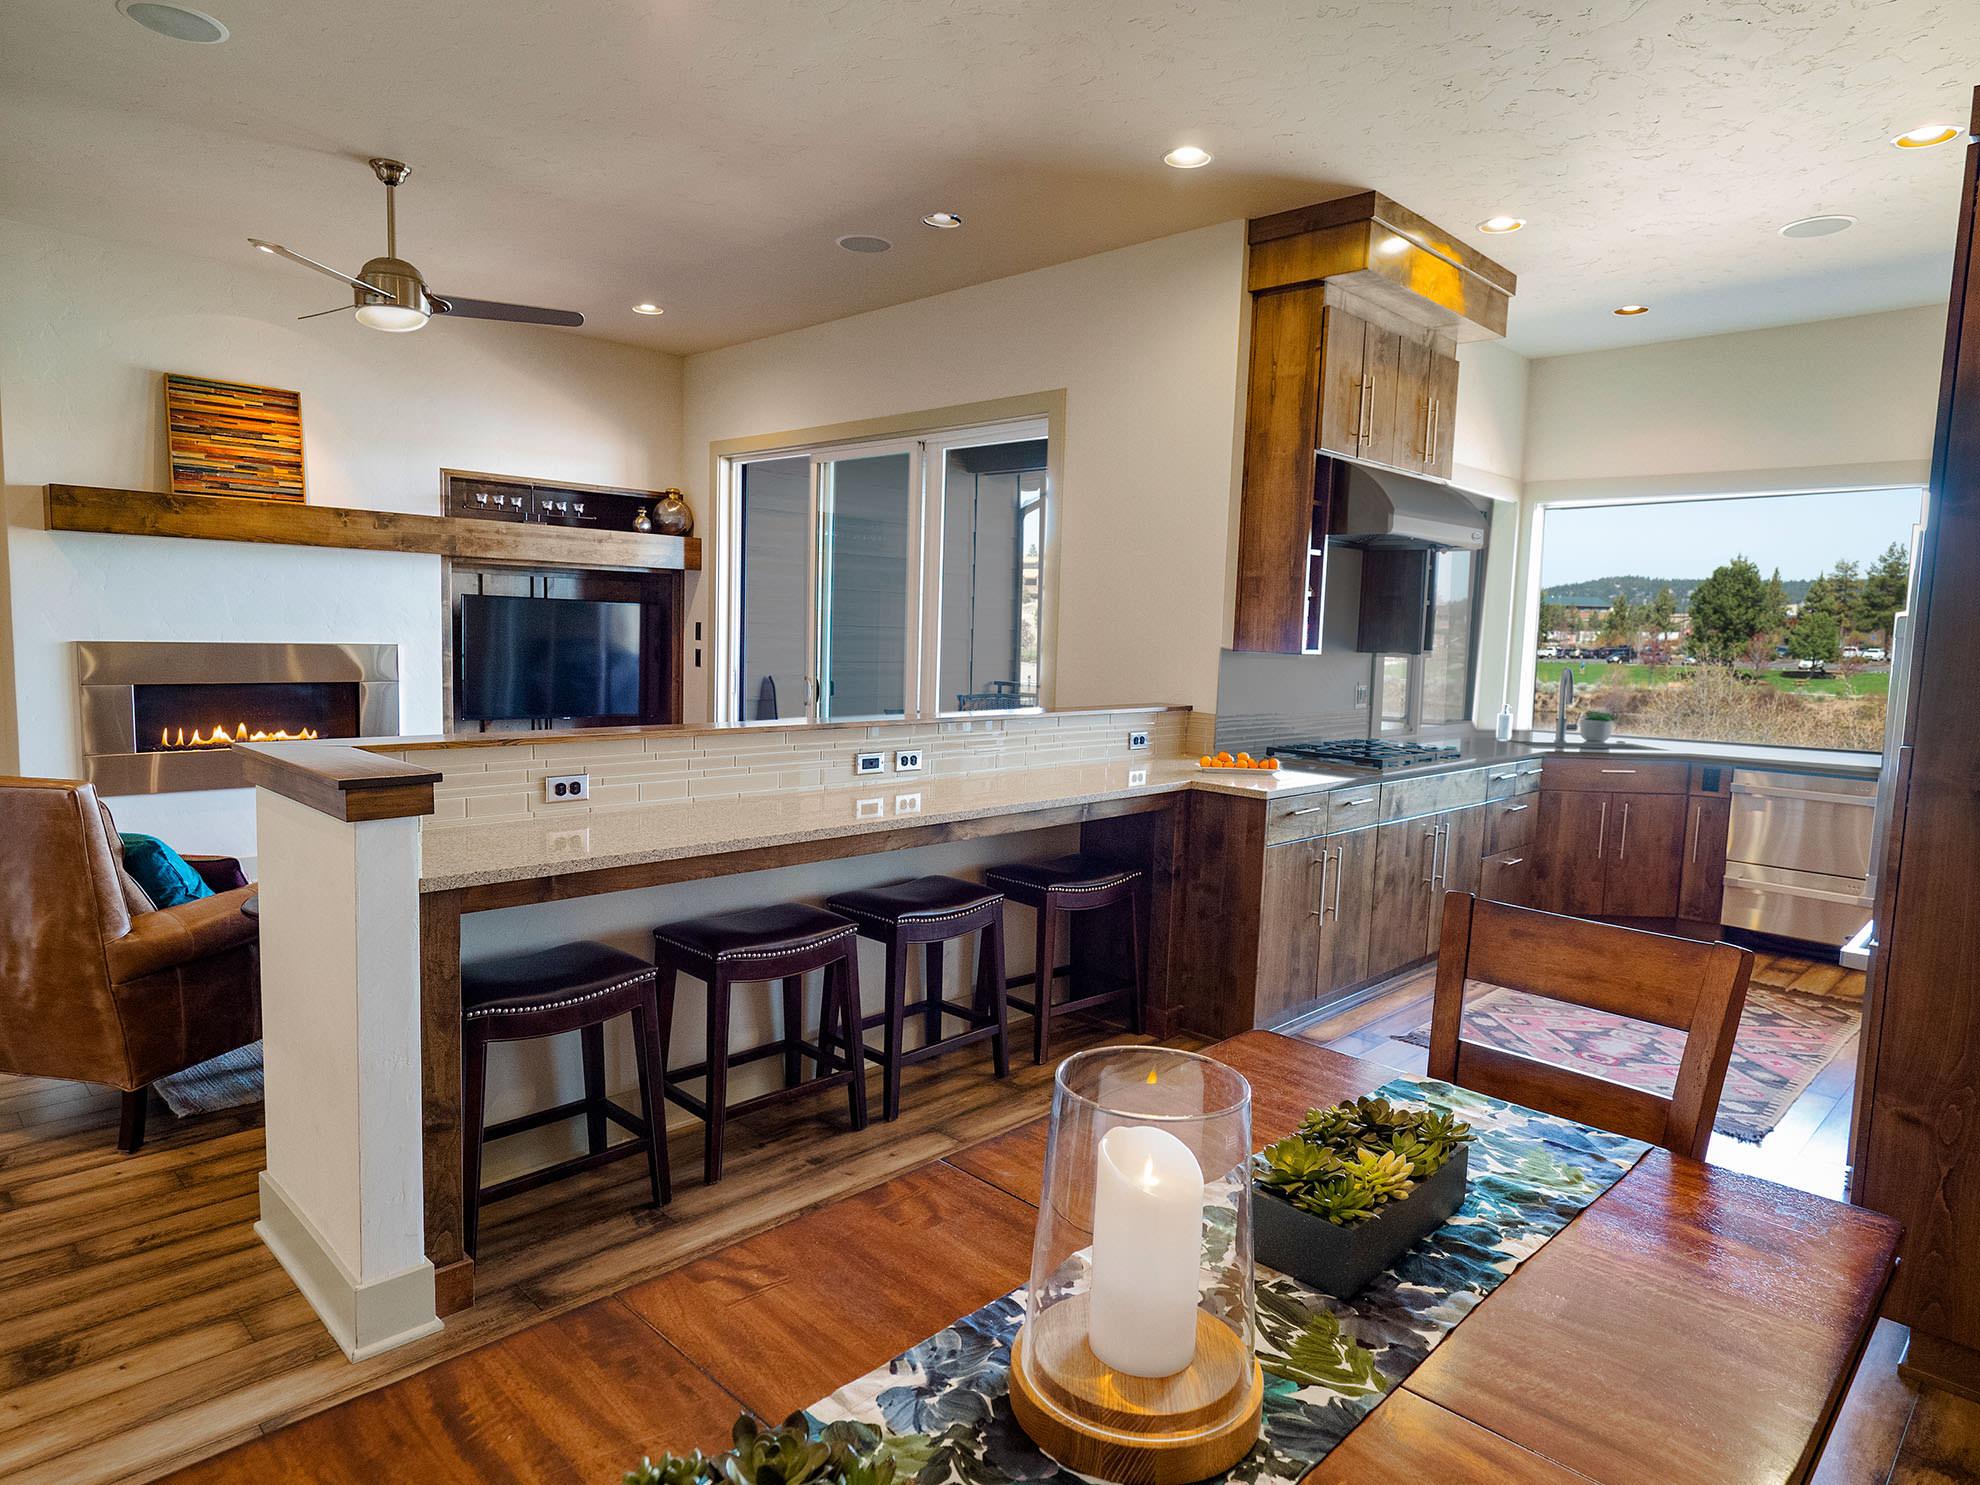 ashlie-rental-kitchen.jpg